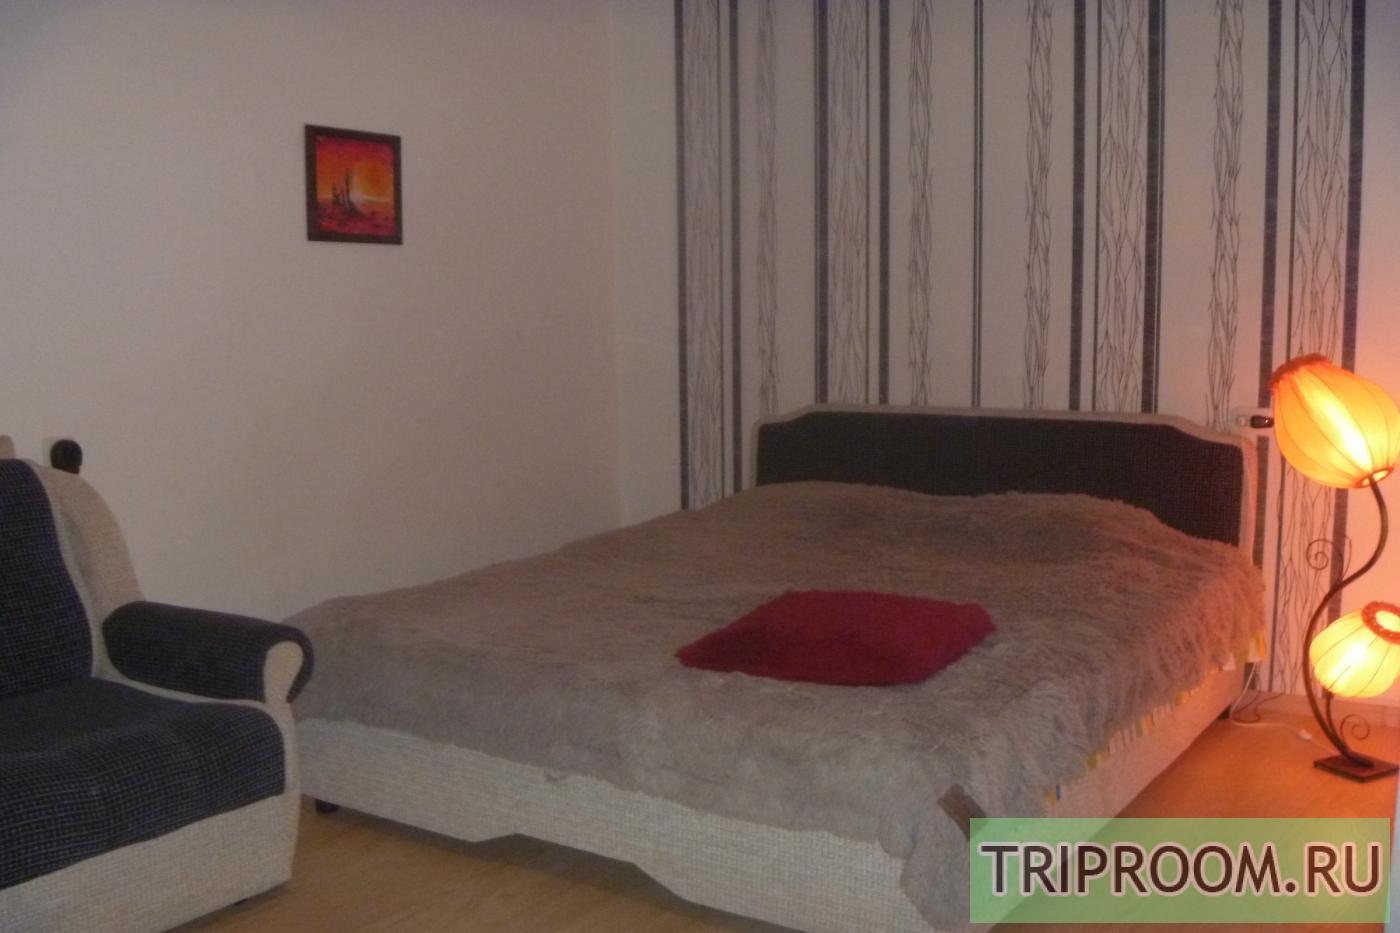 1-комнатная квартира посуточно (вариант № 5464), ул. Овчинникова улица, фото № 3